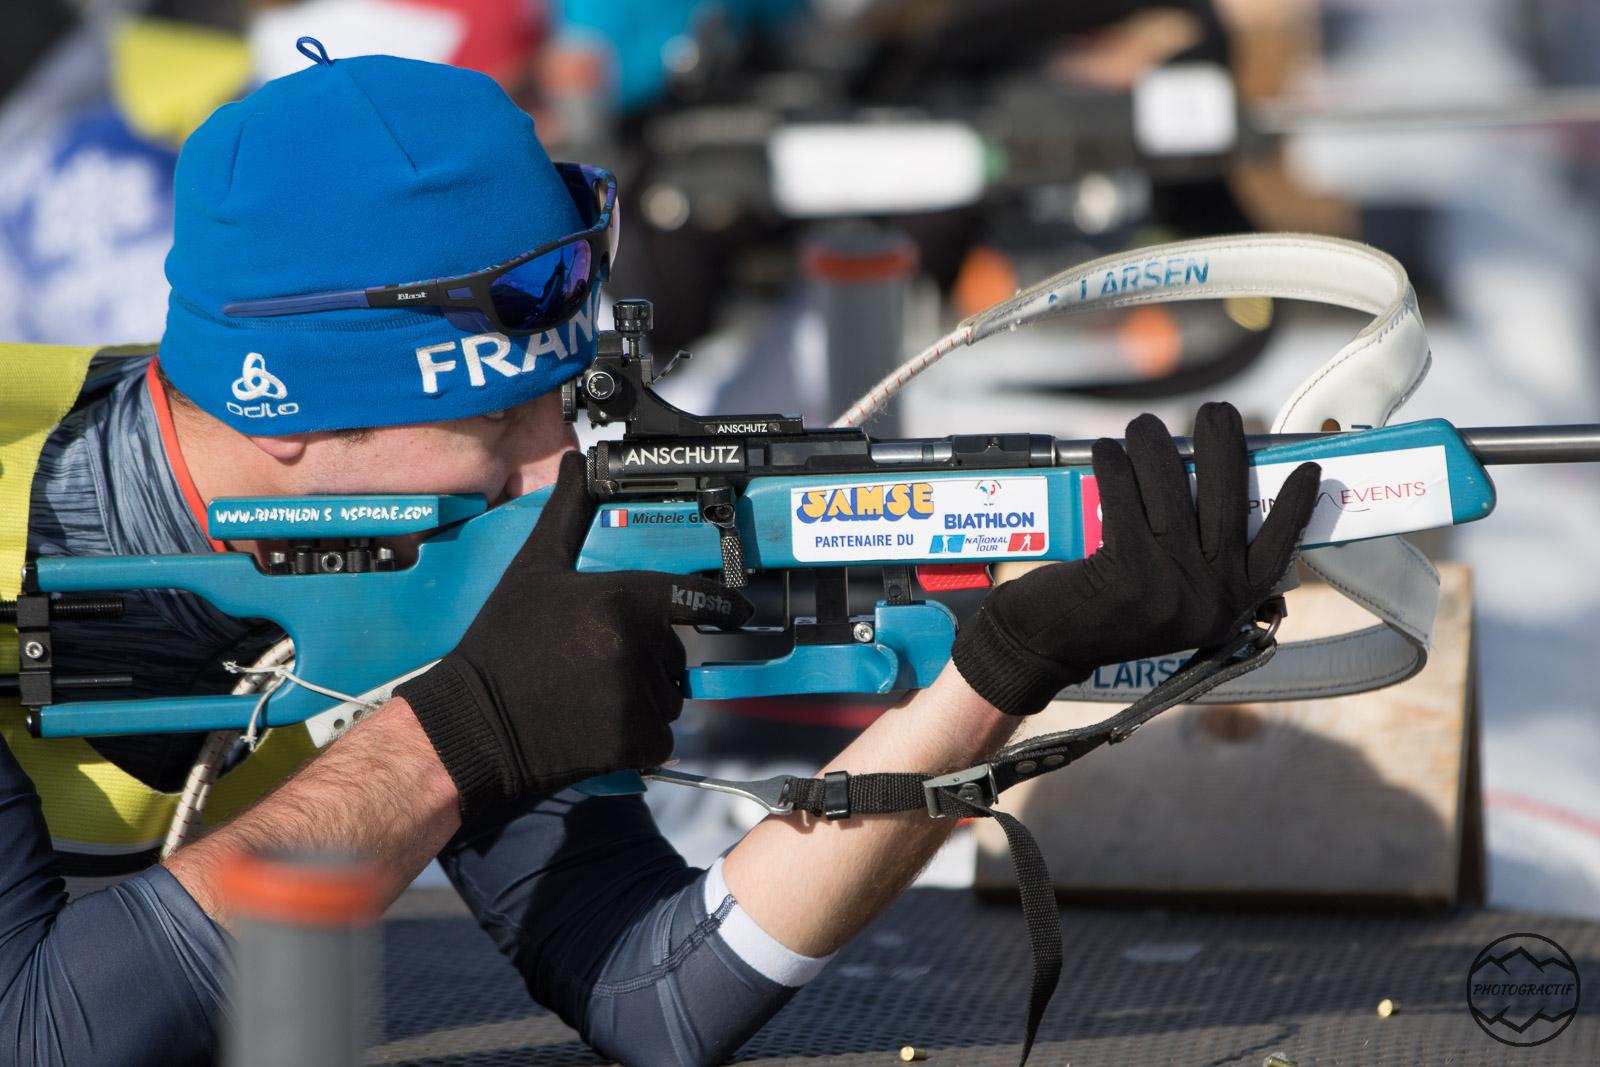 Biathlon Alpinum Les Contamines 2019 (66)